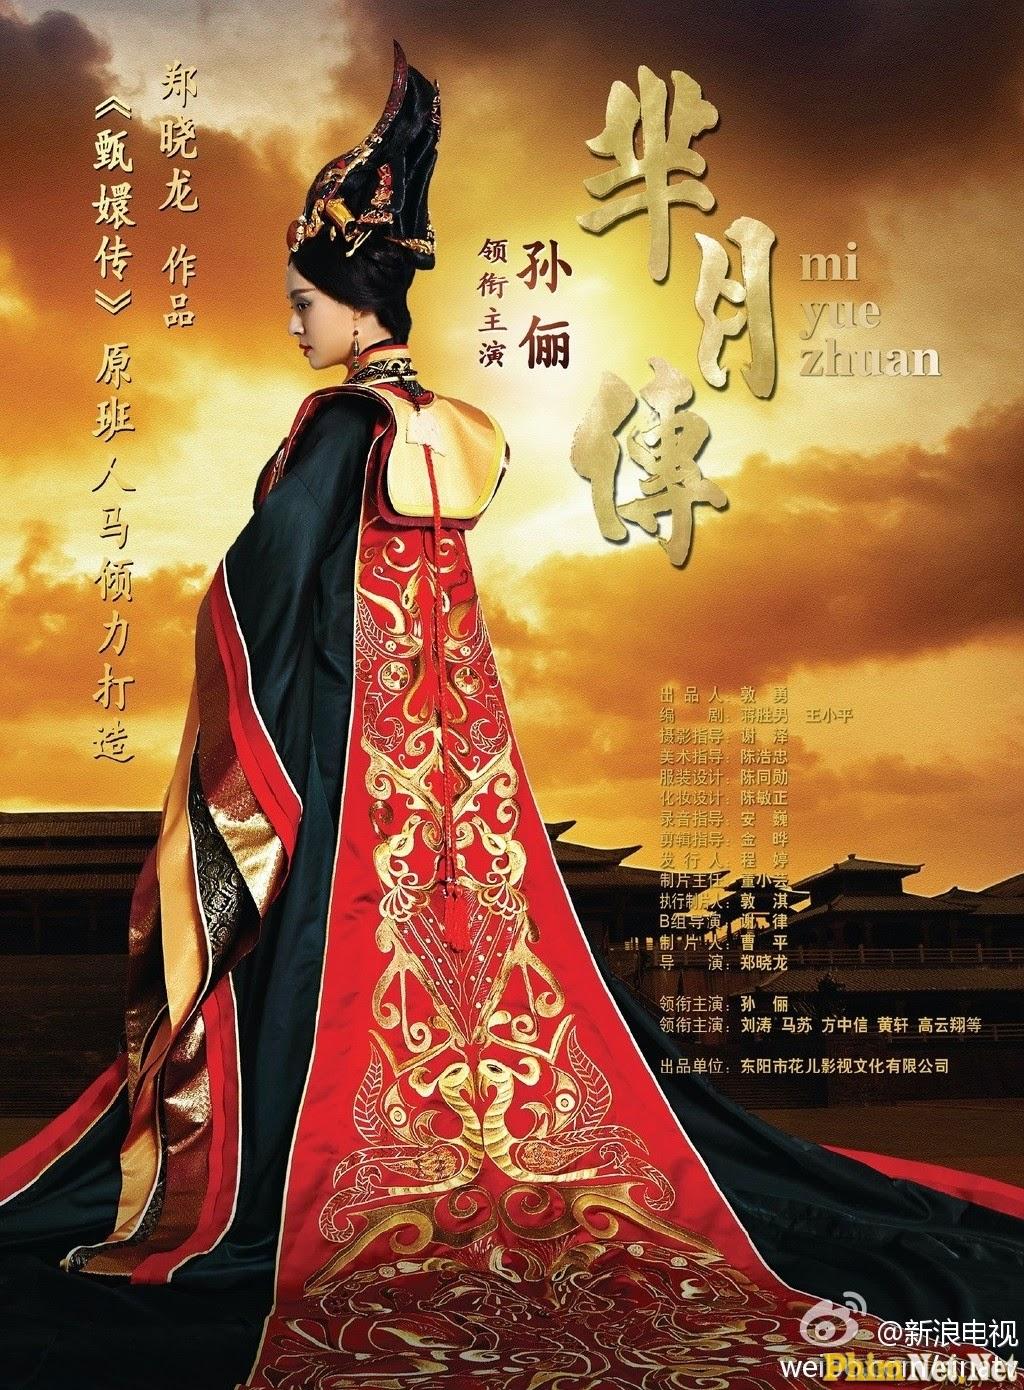 Phim Mị Nguyệt Truyện - The Legend Of Miyue